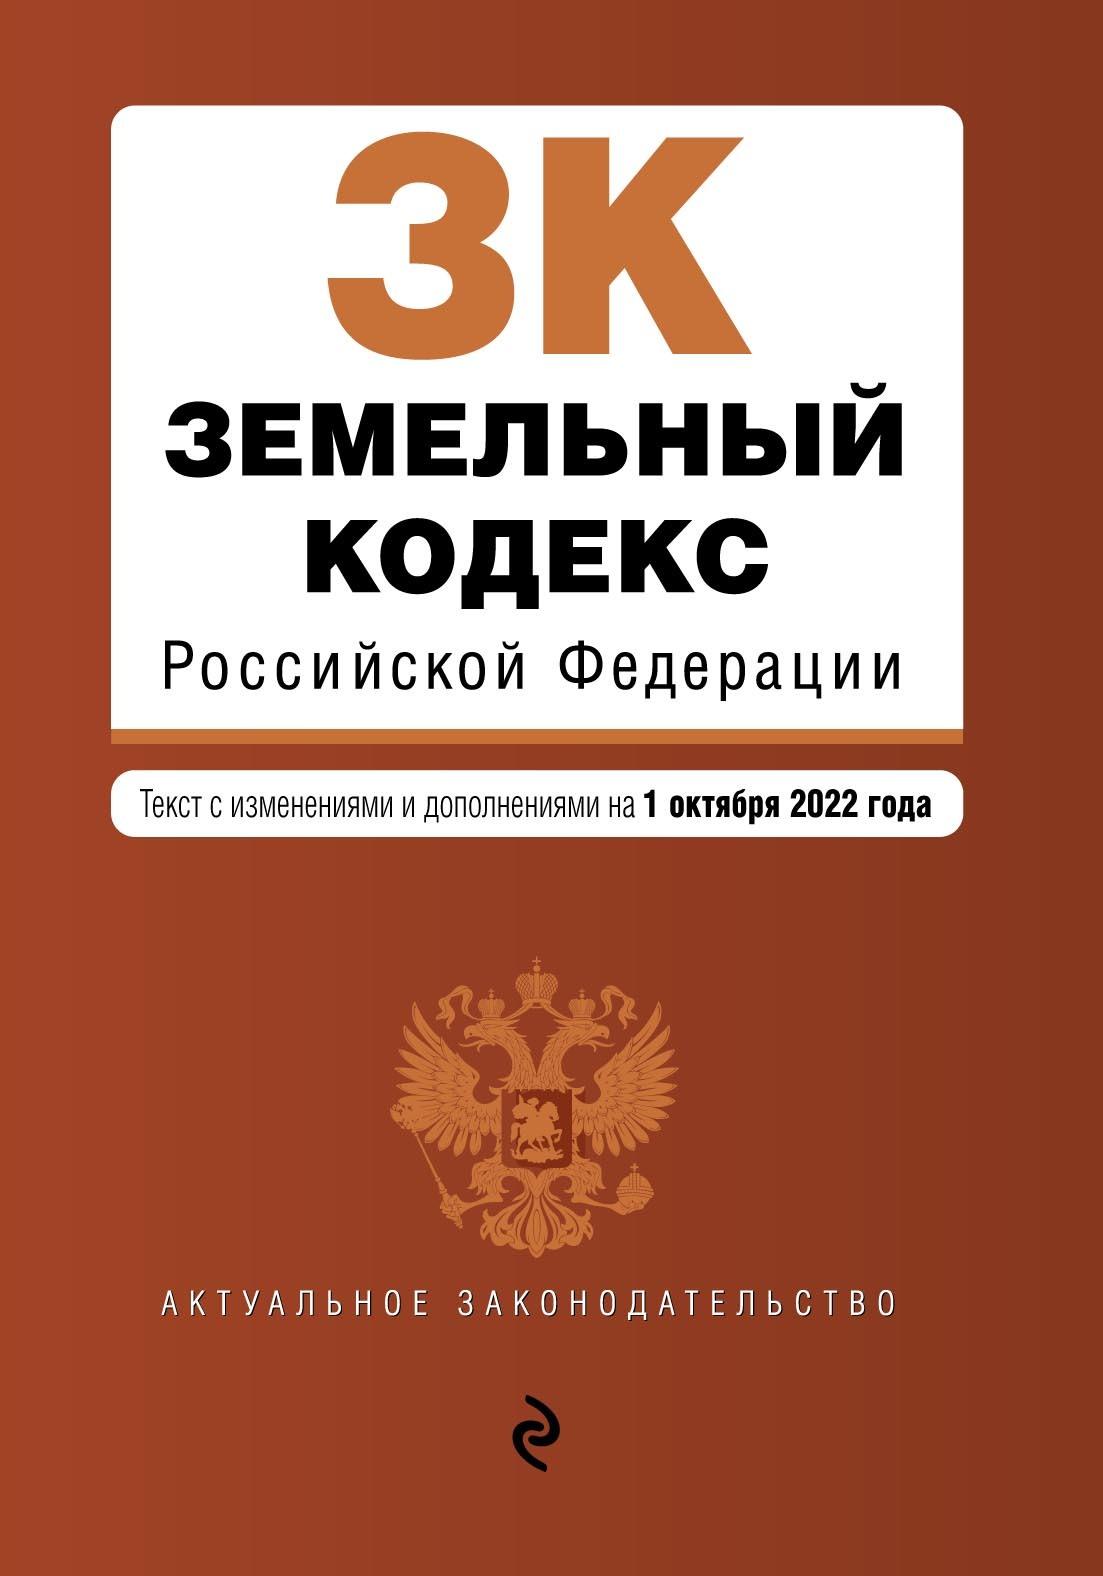 Отсутствует кодекс Российской Федерации. Текст с изменениями и дополнениями 1 октября 2018 год